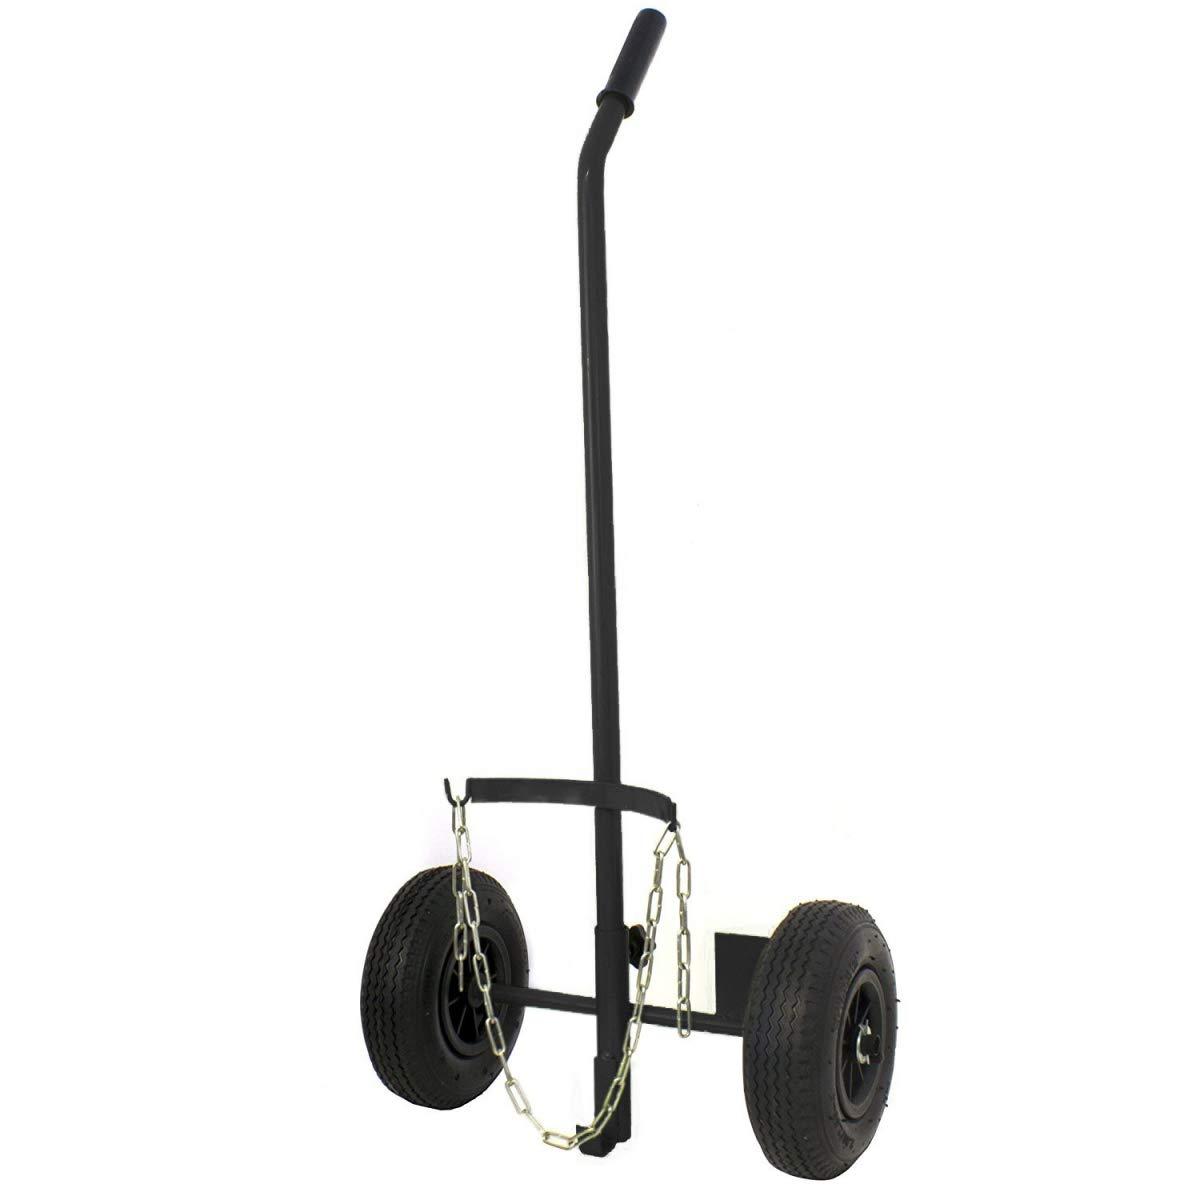 Chariot für Gasflasche 6/13kg mit Rad geschwollen Durchmesser 260mm